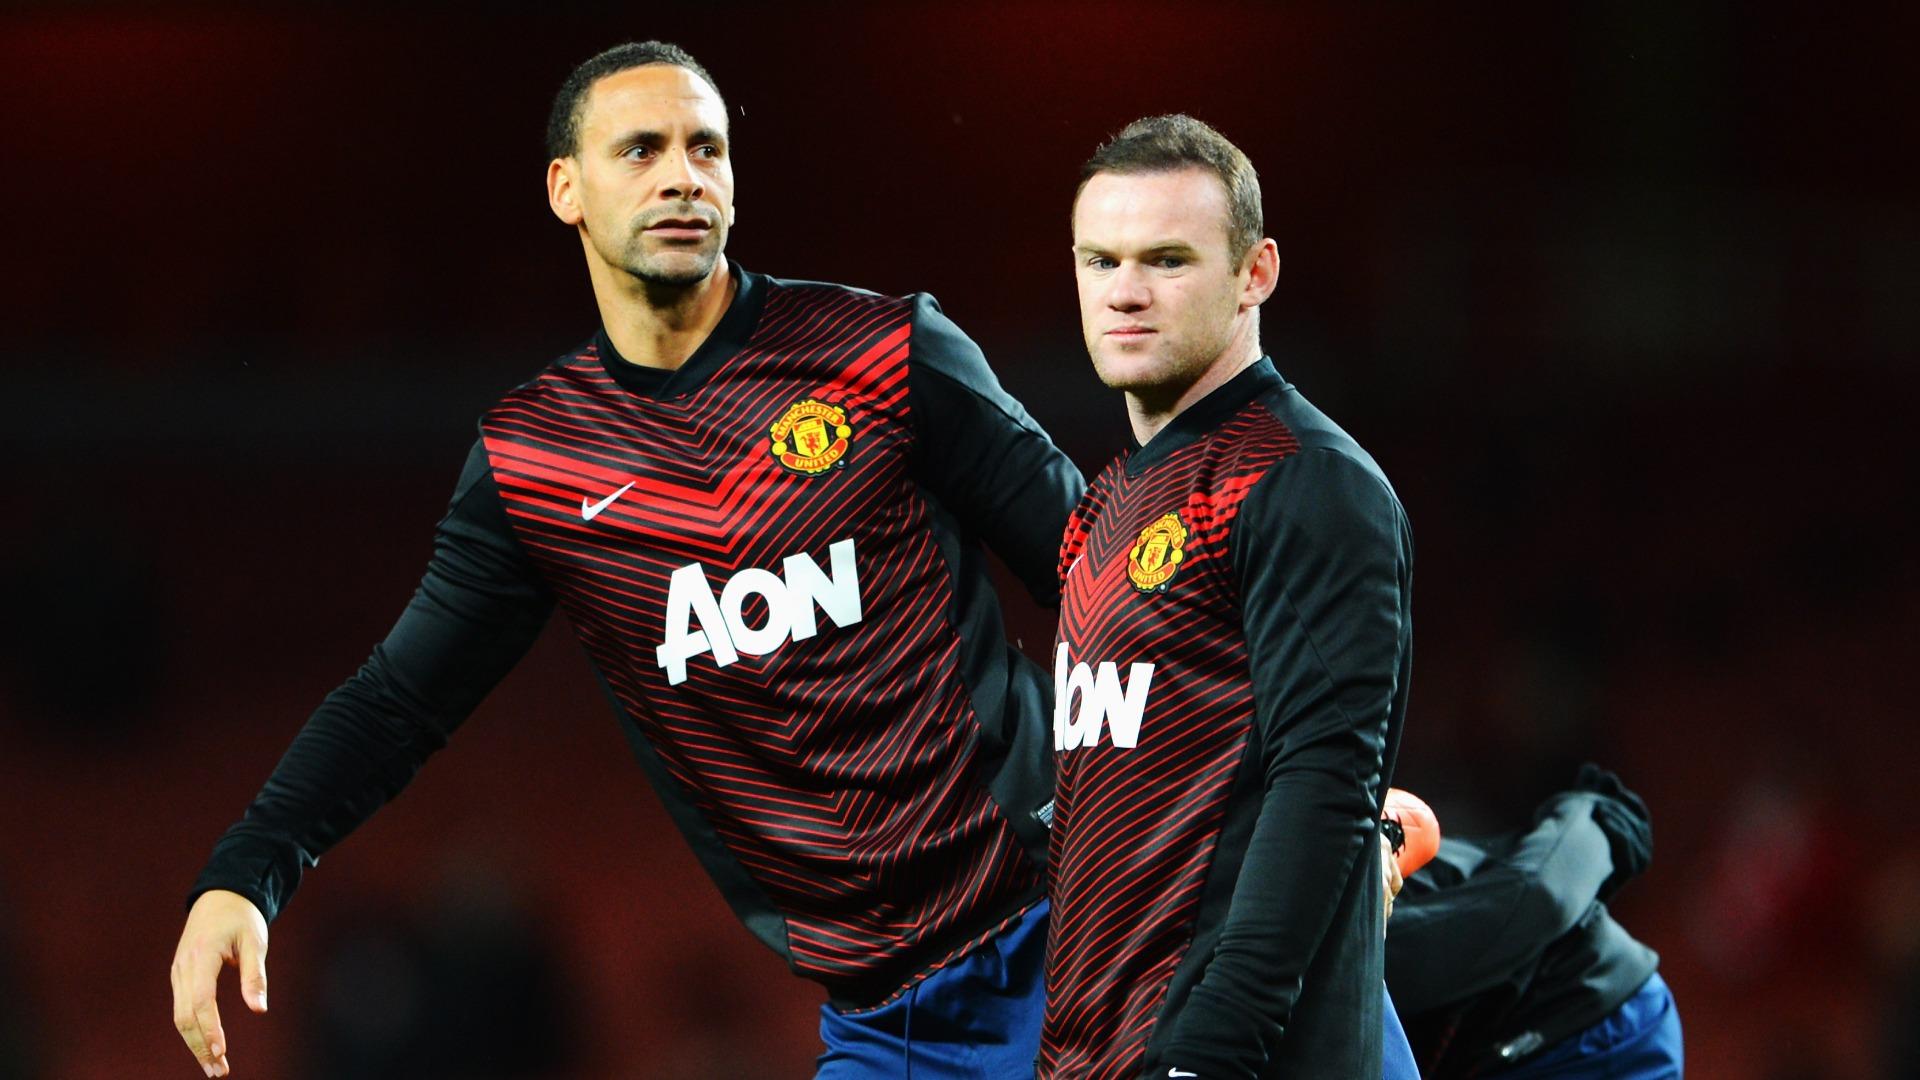 Rio: Rooney wants United job